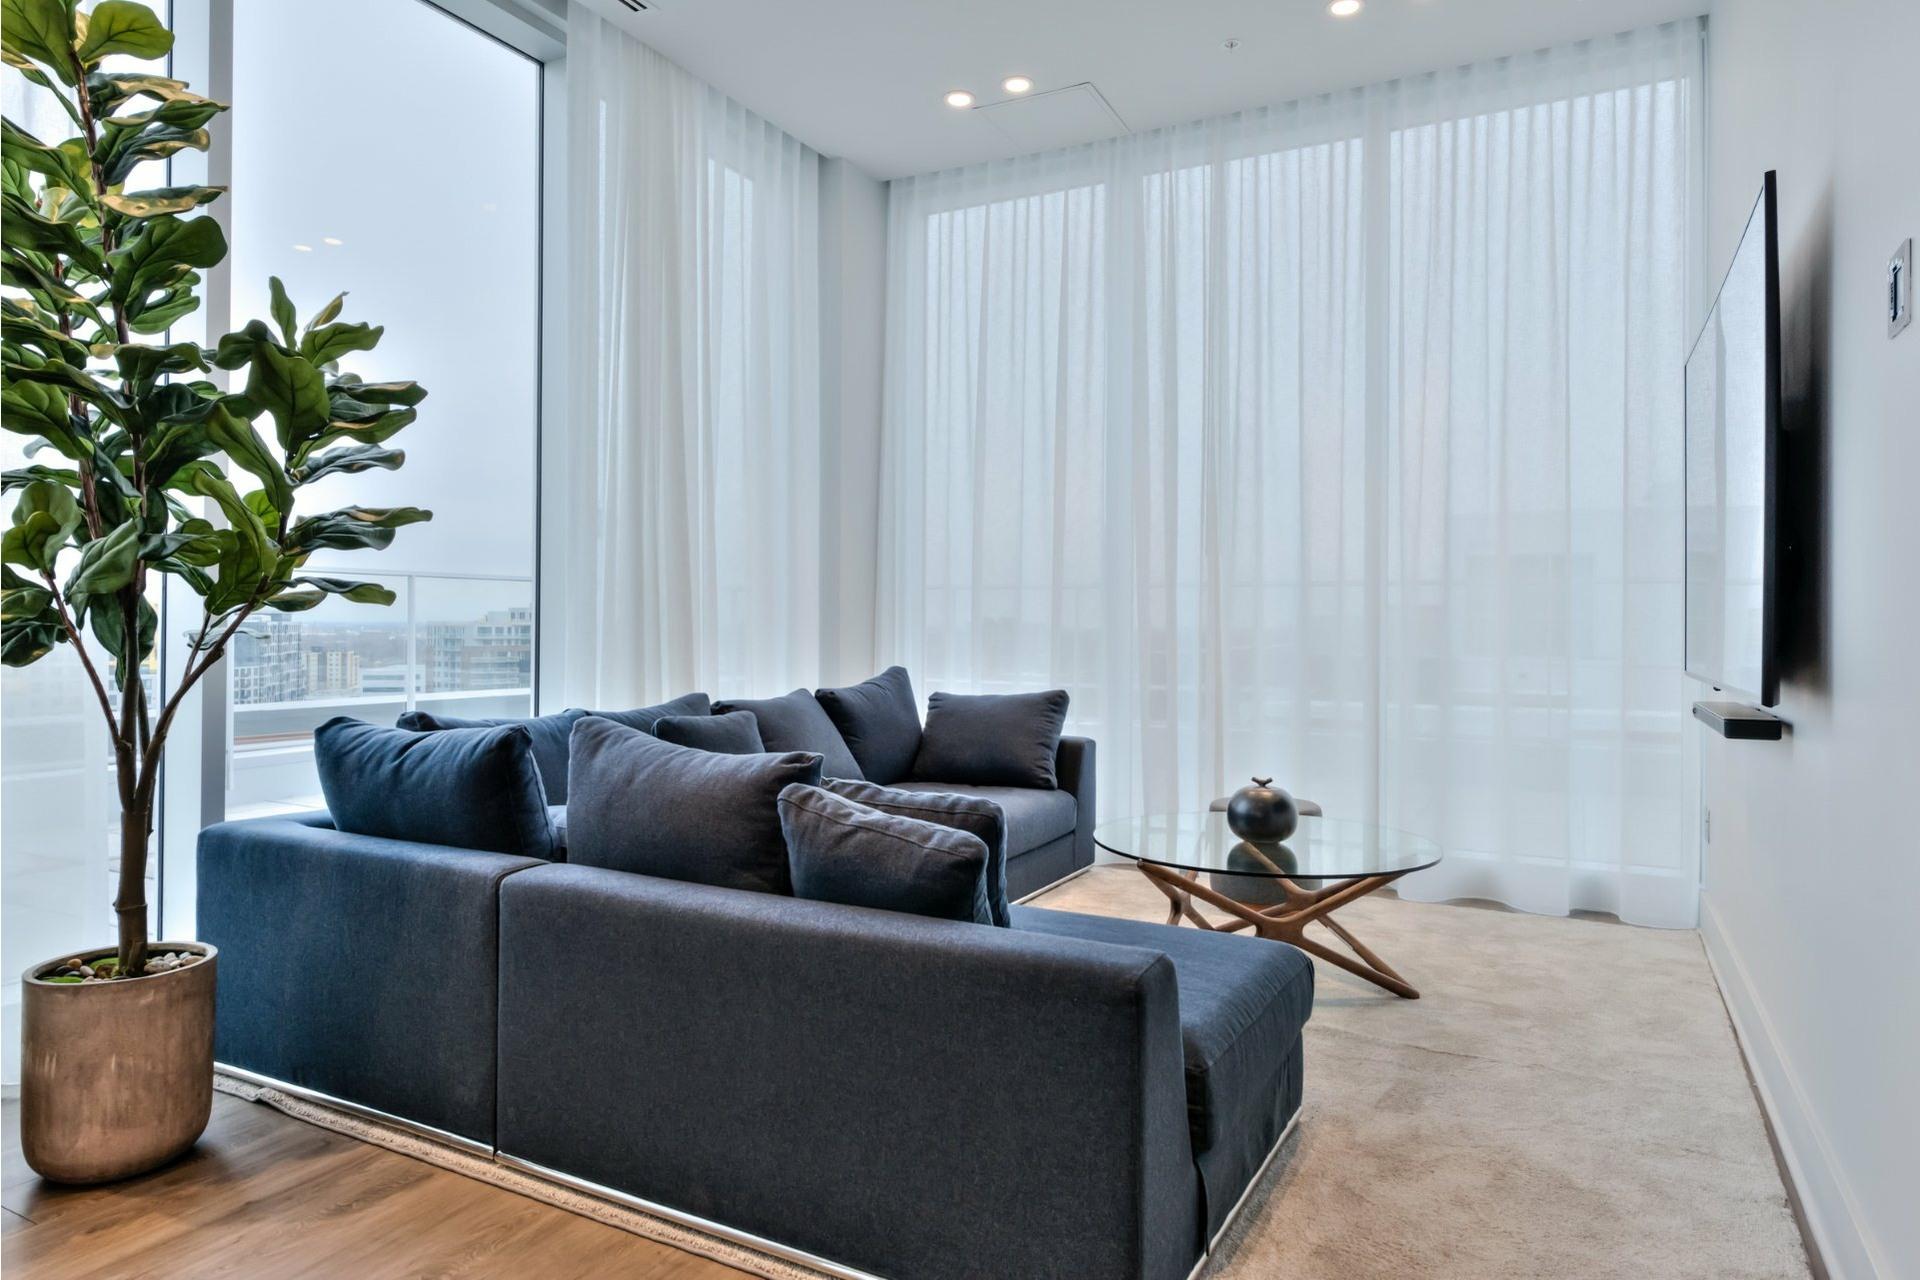 image 21 - Apartment For sale Côte-des-Neiges/Notre-Dame-de-Grâce Montréal  - 4 rooms